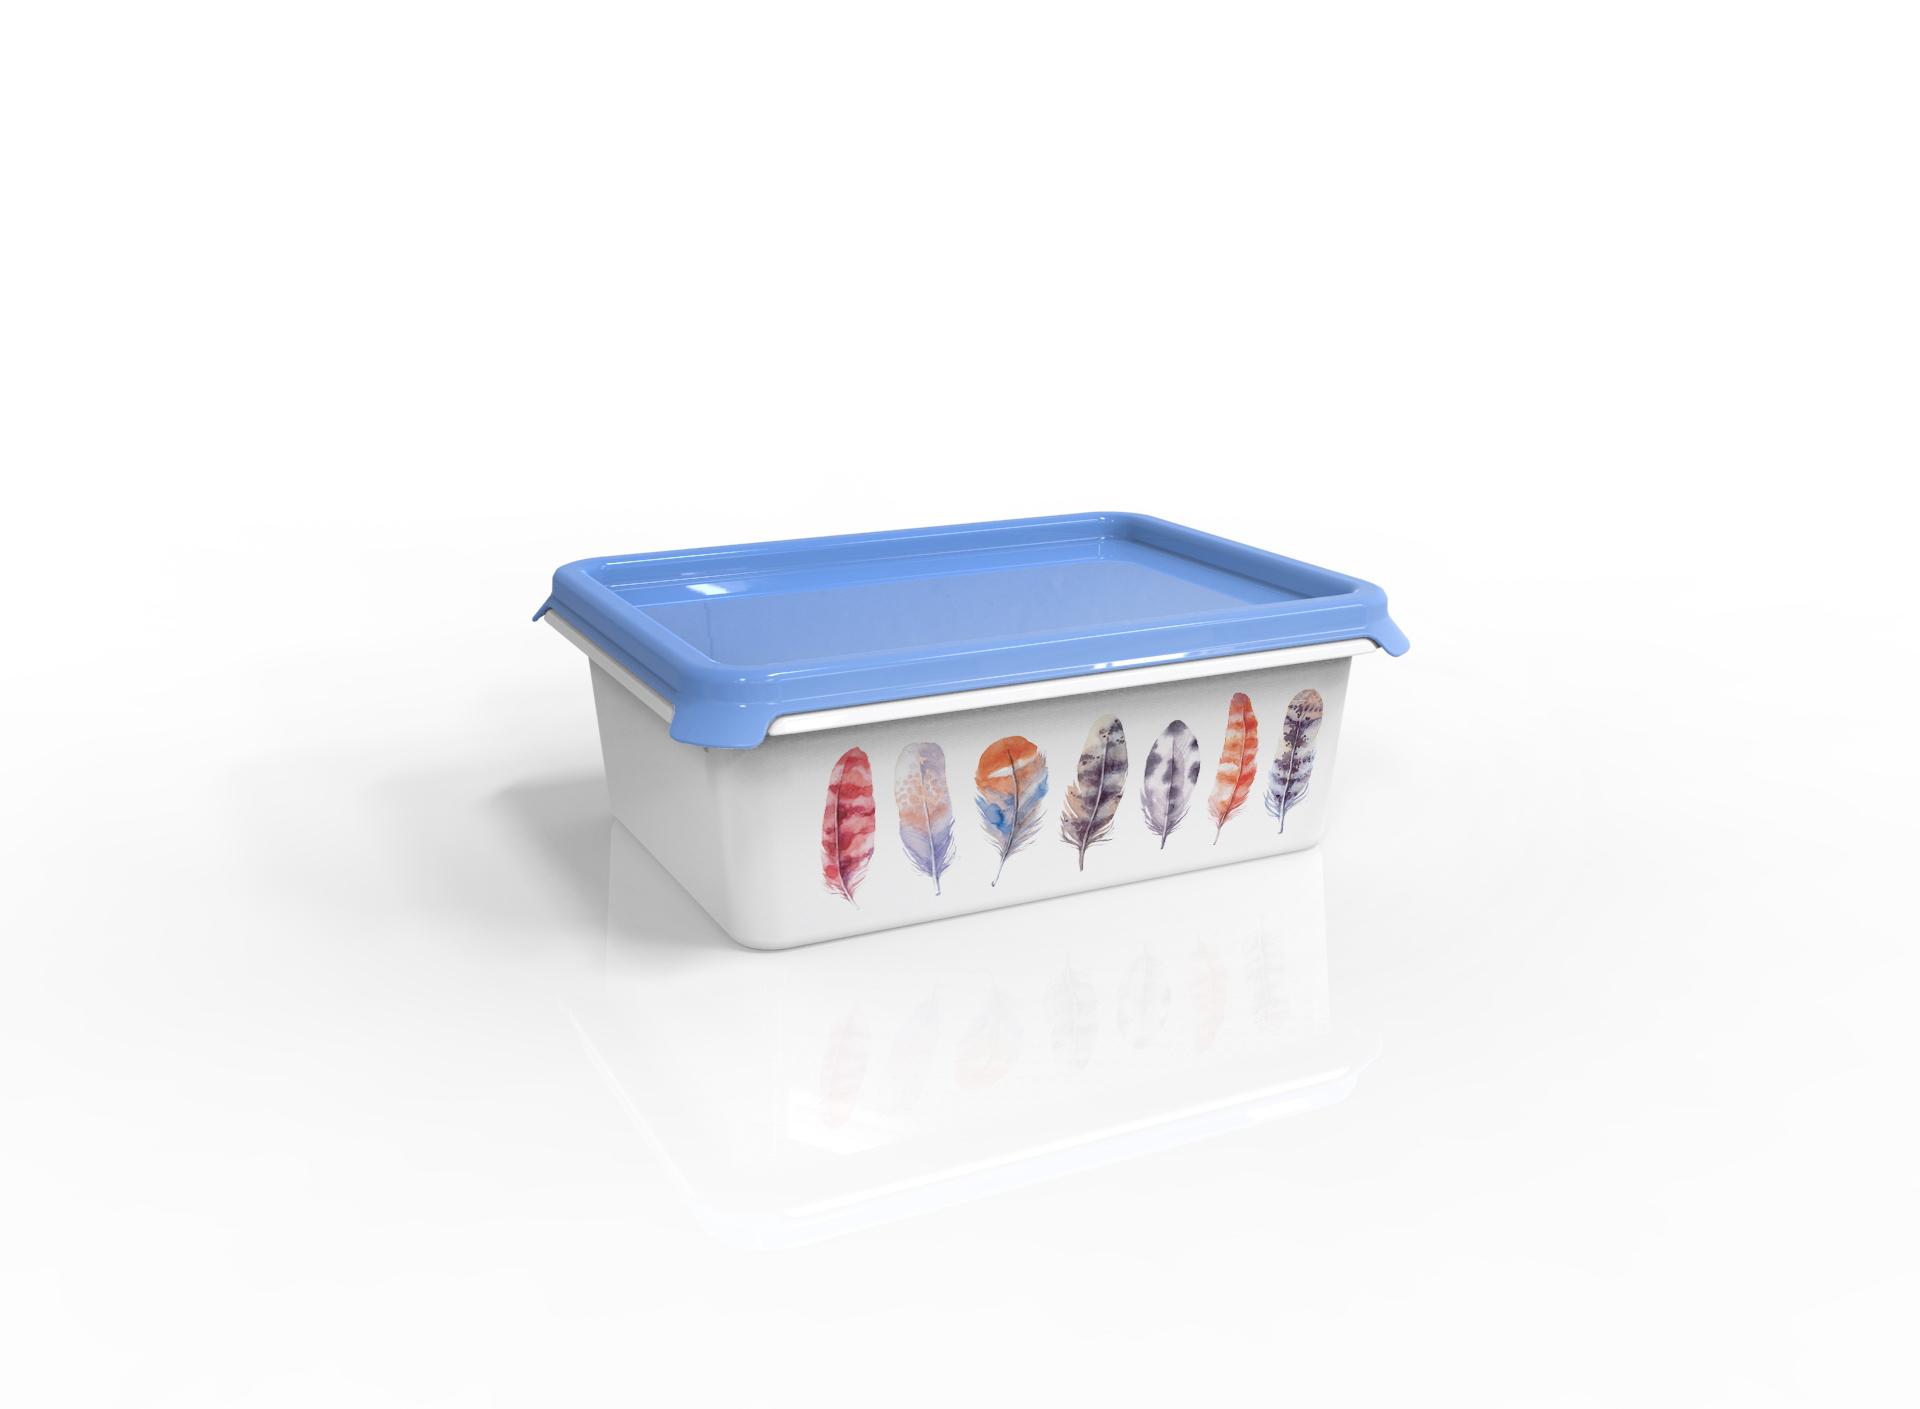 Контейнер для хранения вещей Berossi ИК 54361000, голубой контейнер для хранения вещей berossi ик 54233000 слоновая кость